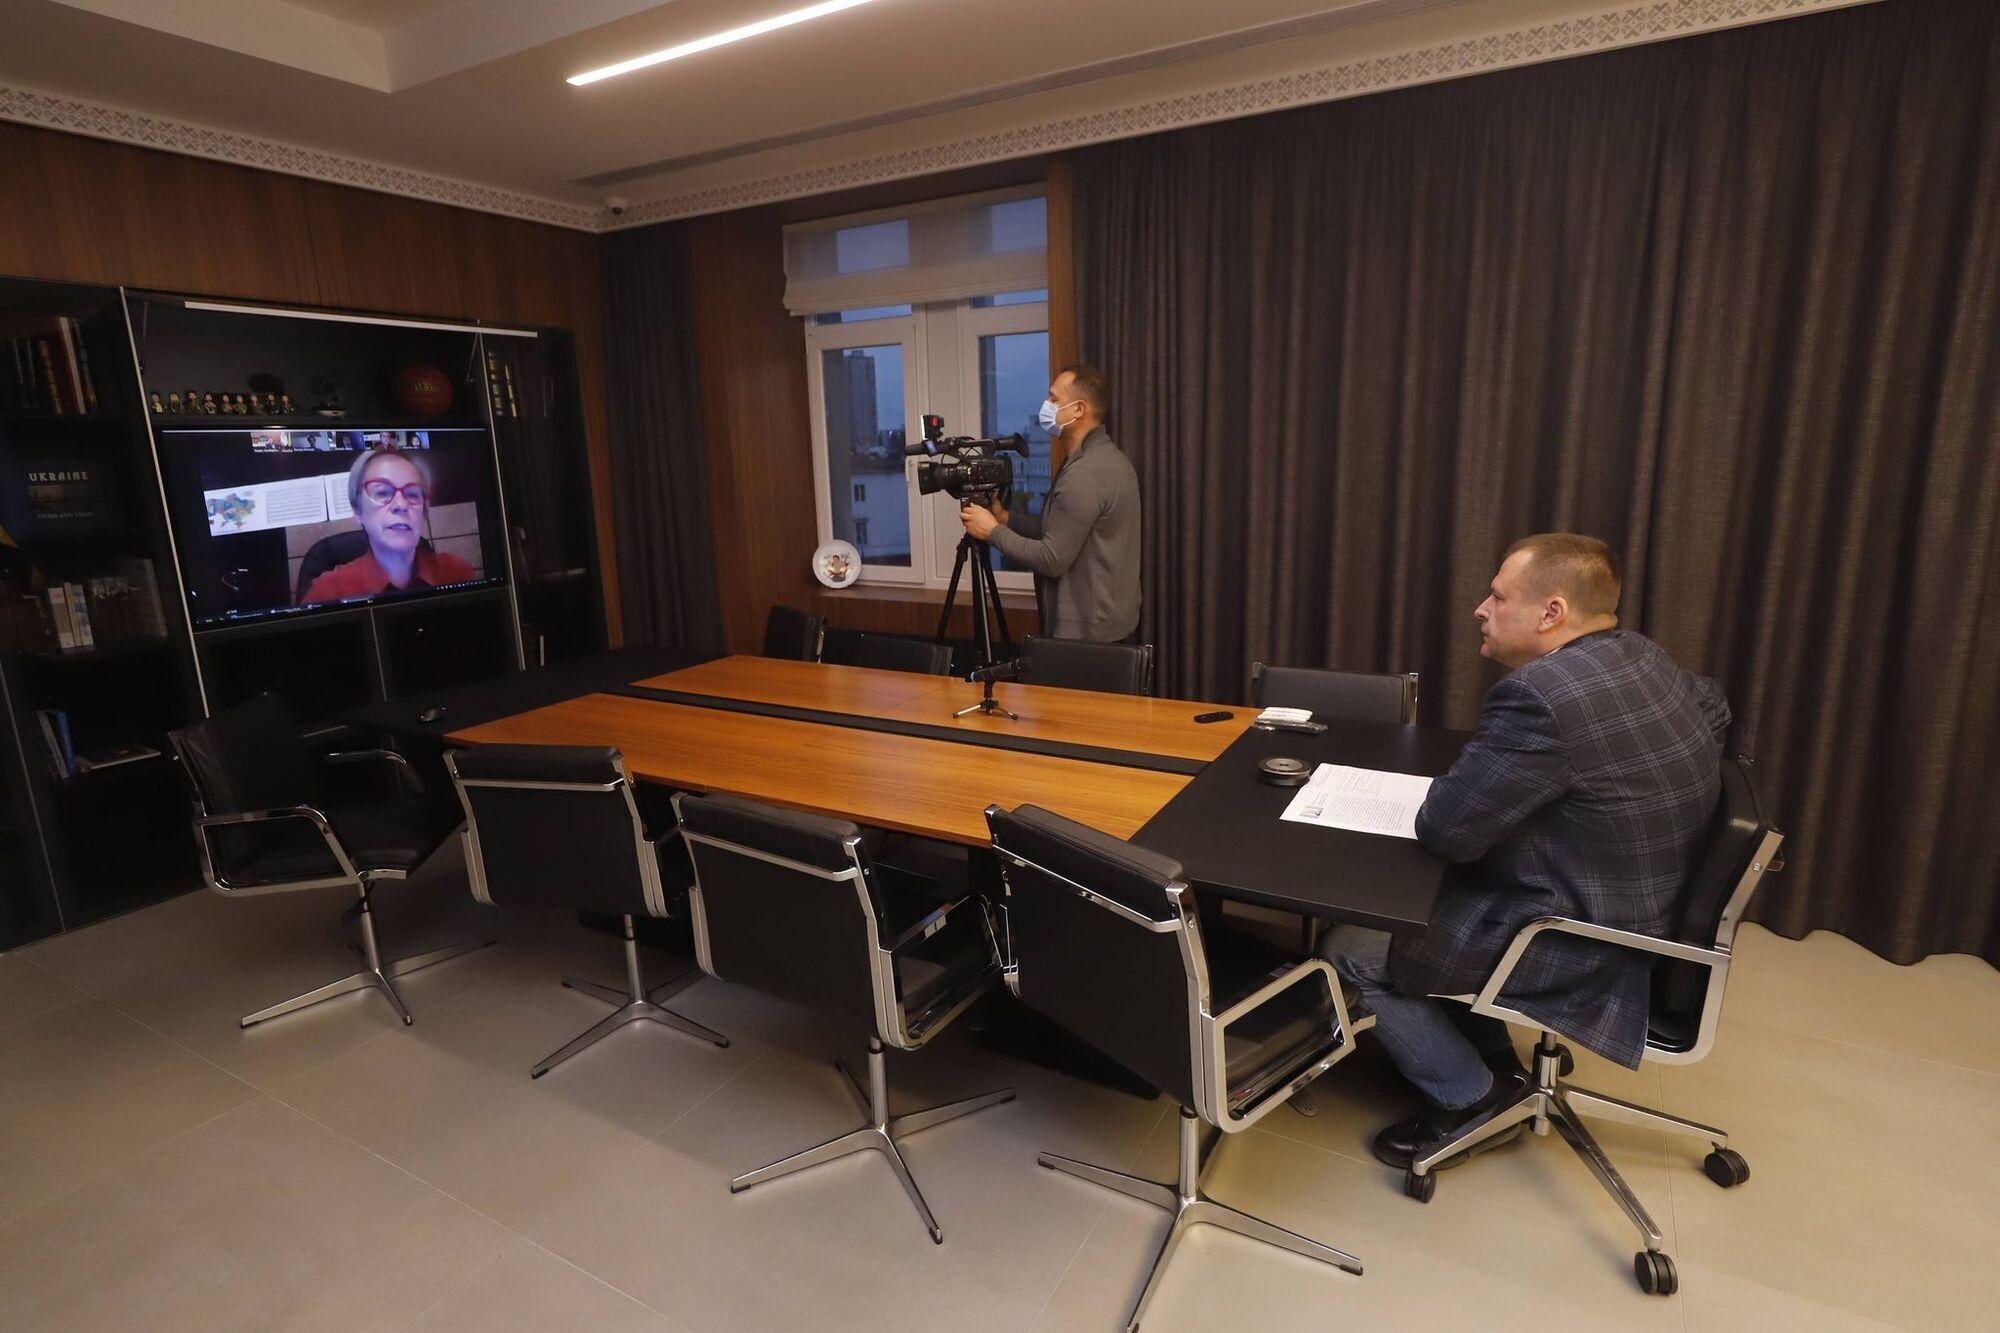 Мер Дніпра Борис Філатов під час zoom-конференції з пані Інгібьорг Сольрун Гісладоттір